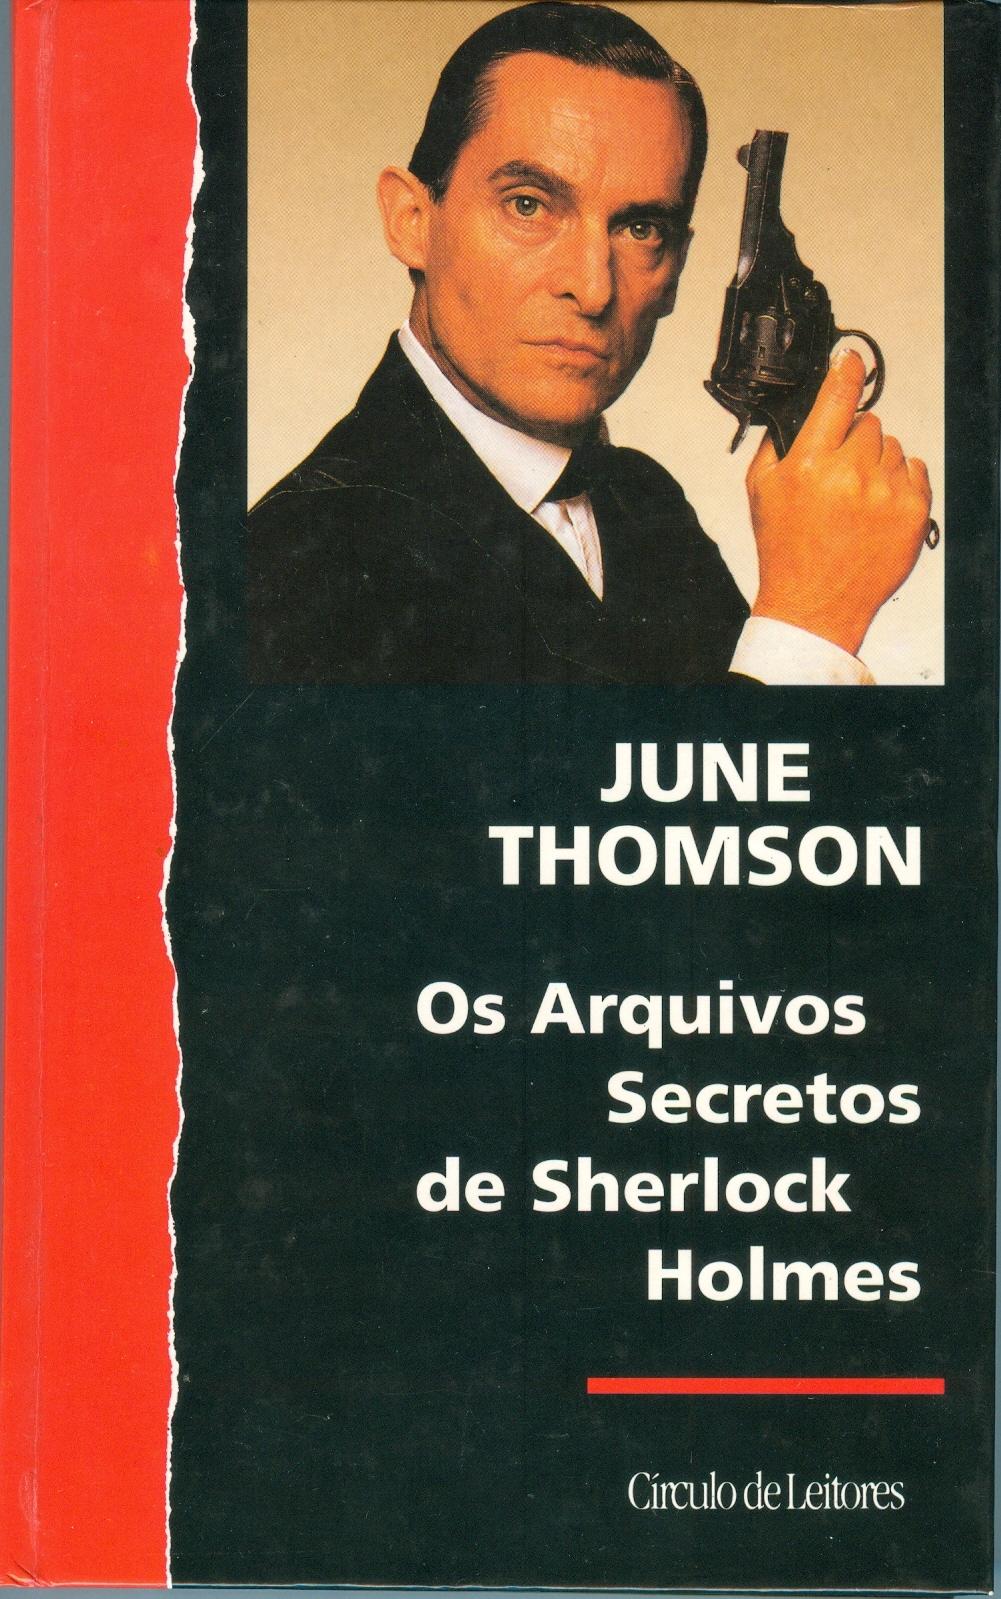 Os Arquivos Secretos de Sherlock Holmes June Thomson